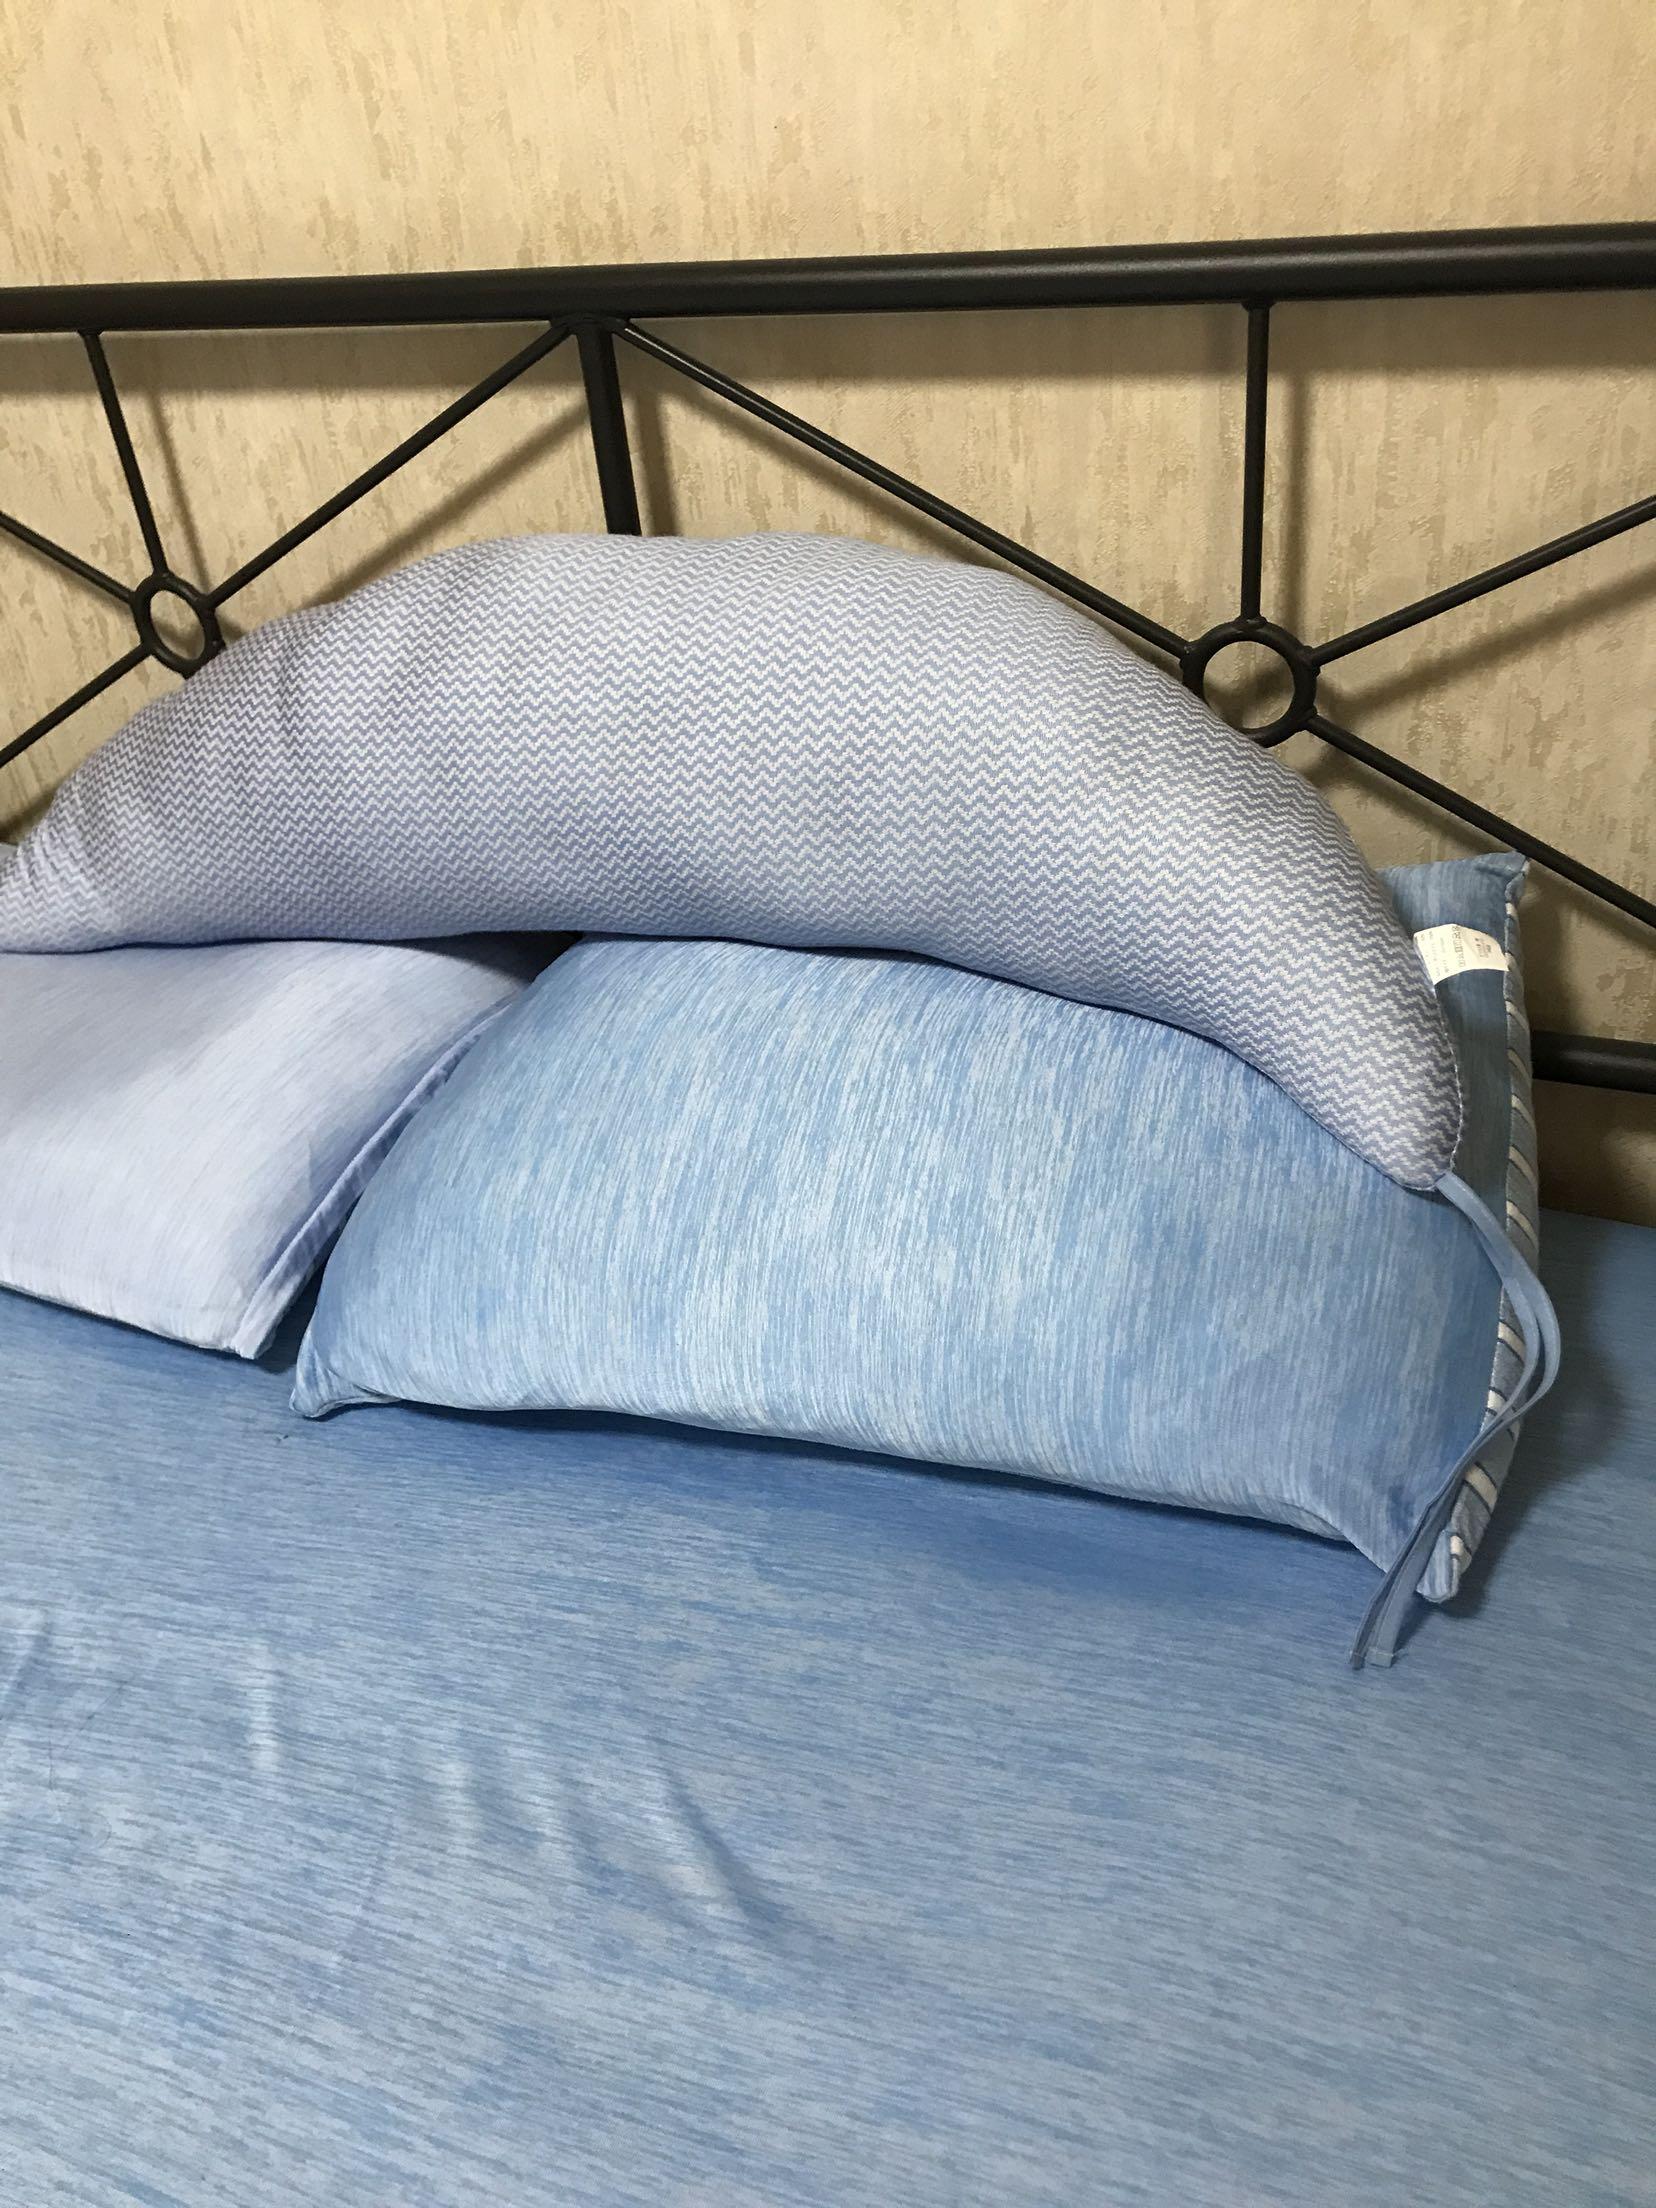 Внешняя торговля последняя отдельный список холодный смысл мужчина друг поясничная подушка подушка подушка беременная женщина подушка машинная стирка рука мыть